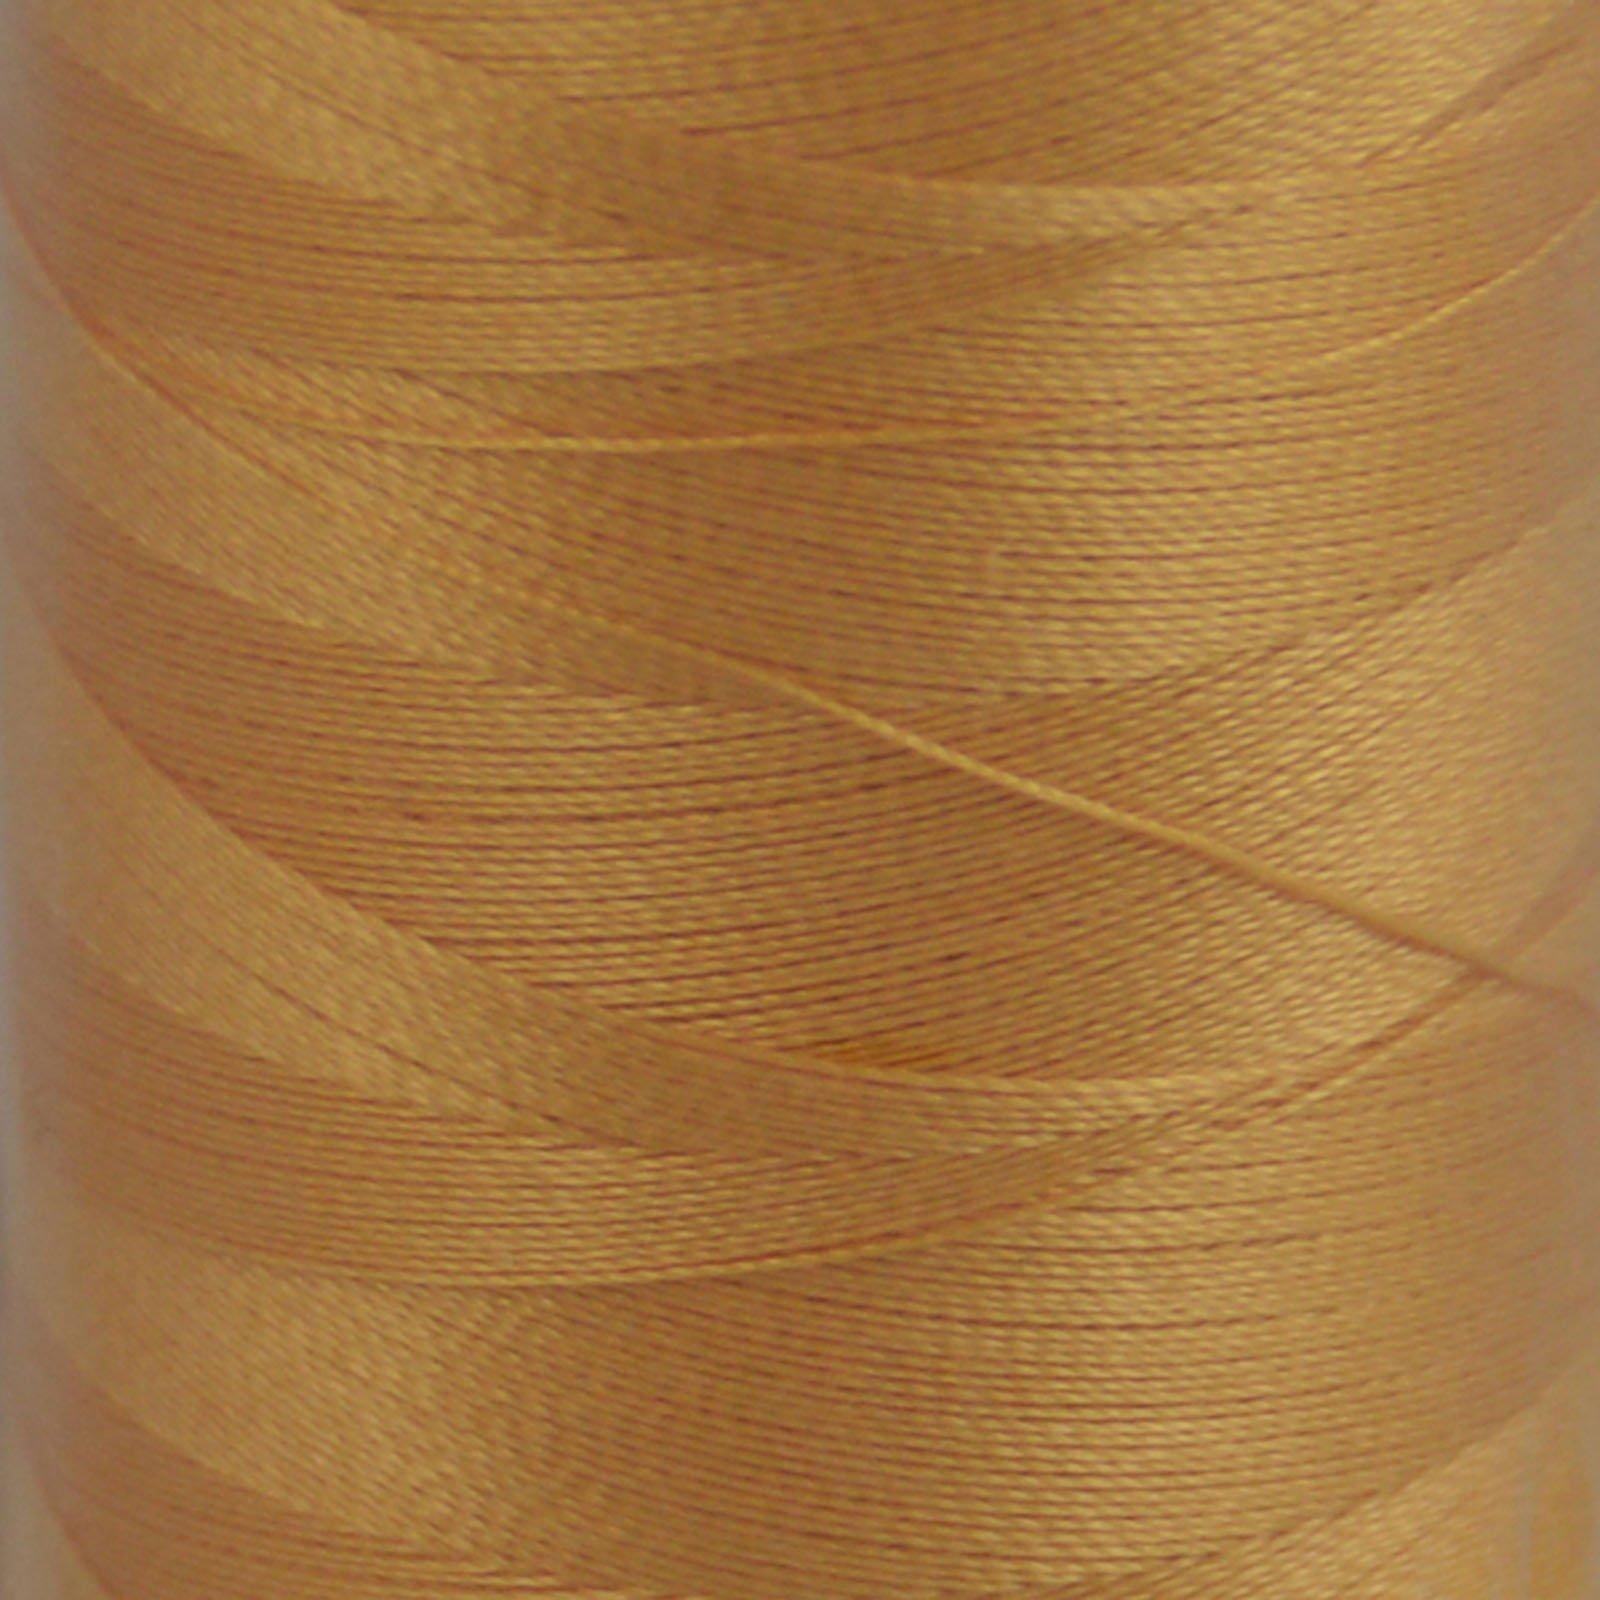 # 2214 Golden Honey